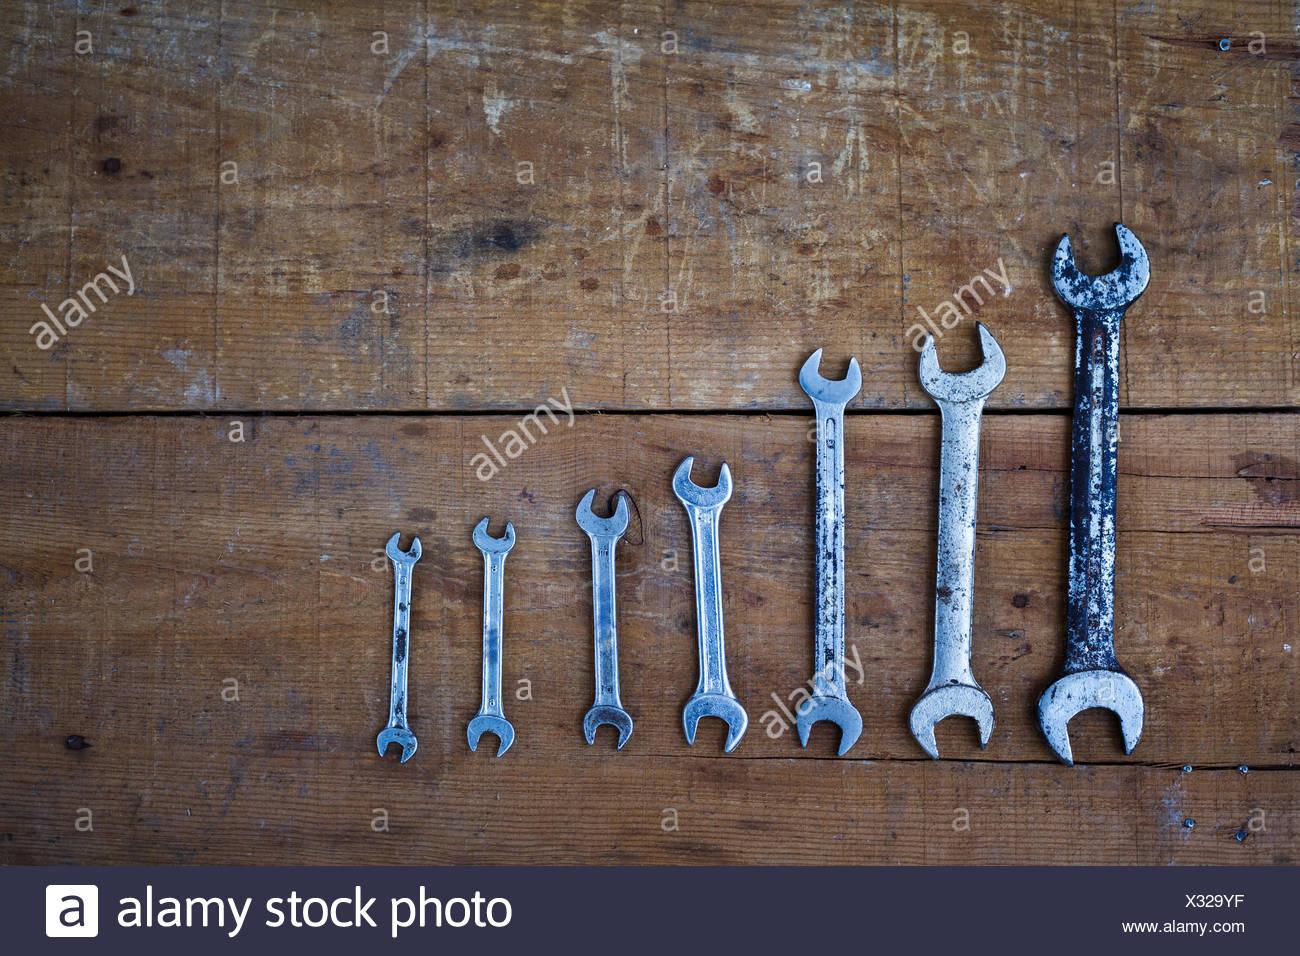 Directamente encima de disparo de varias llaves en mesa de madera Imagen De Stock